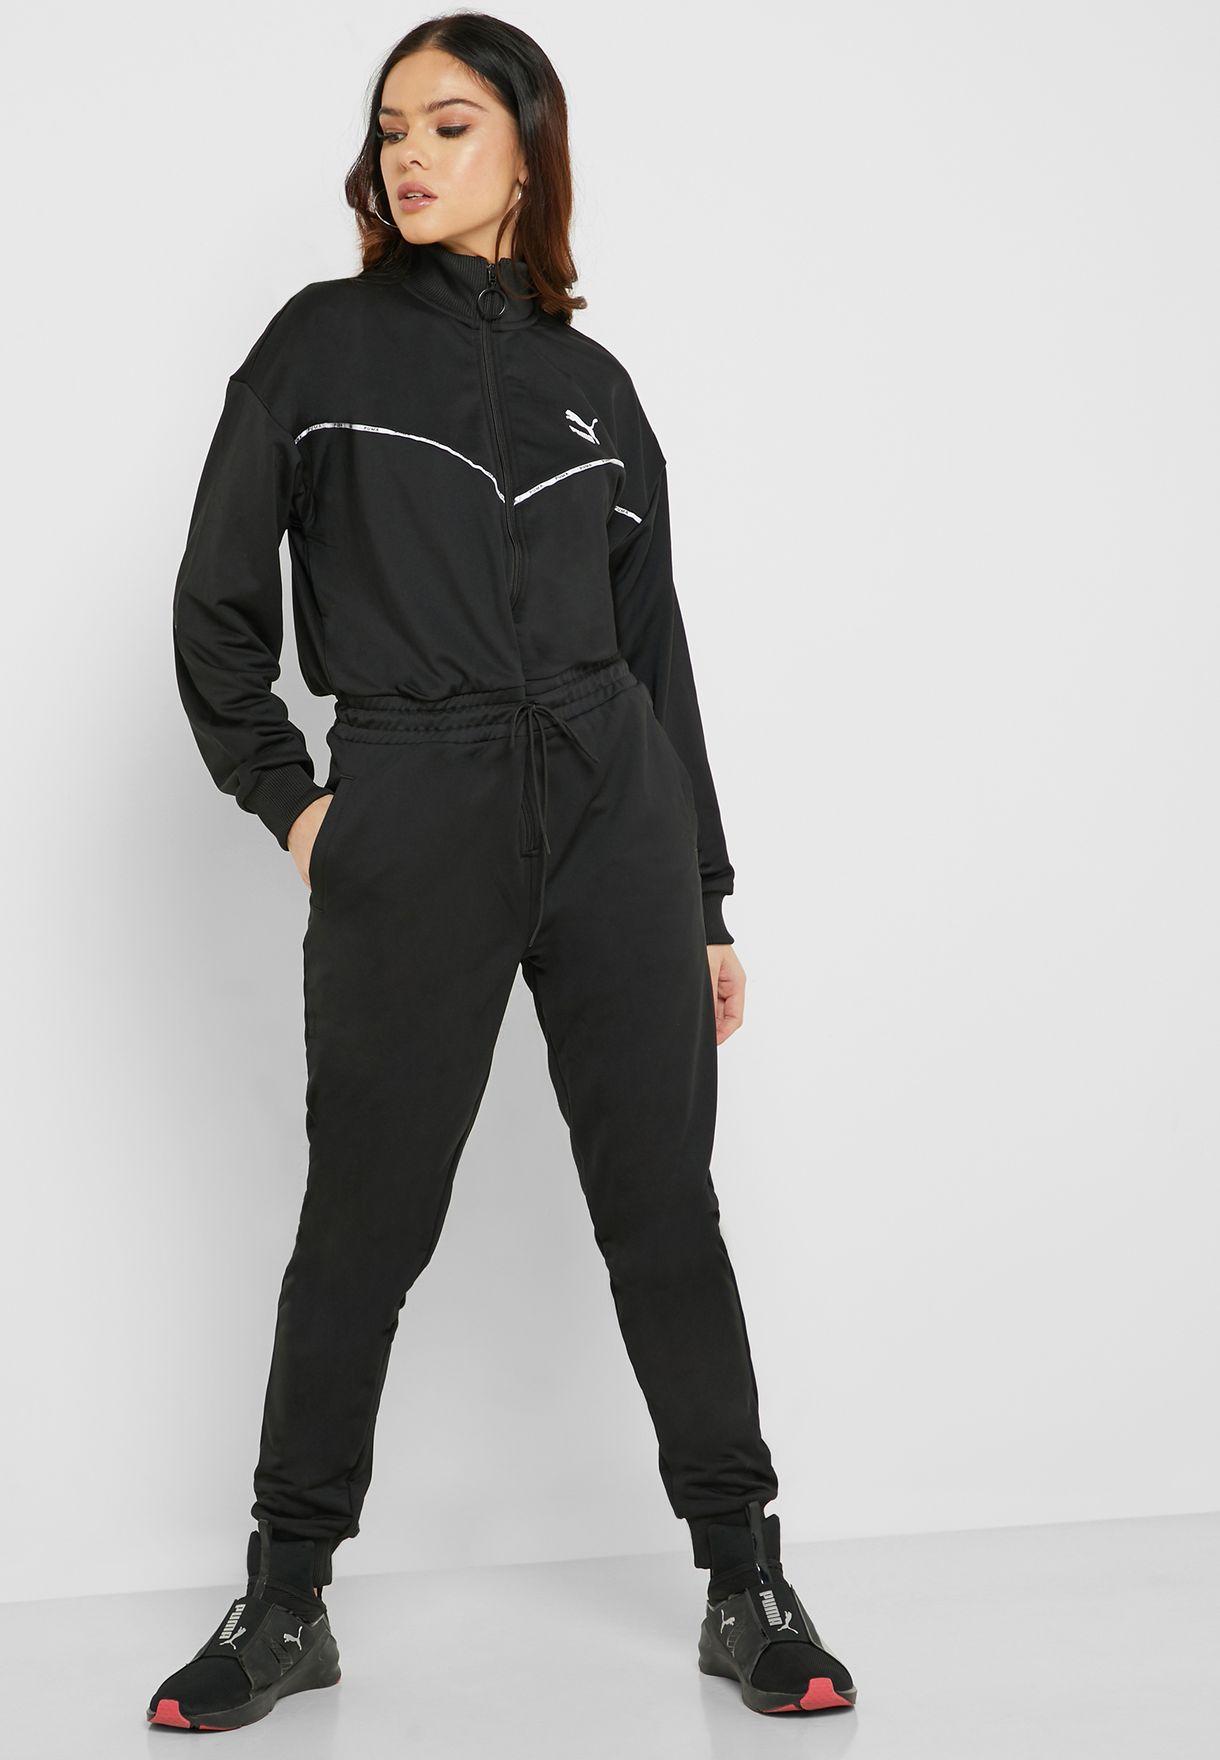 XTG Jumpsuit